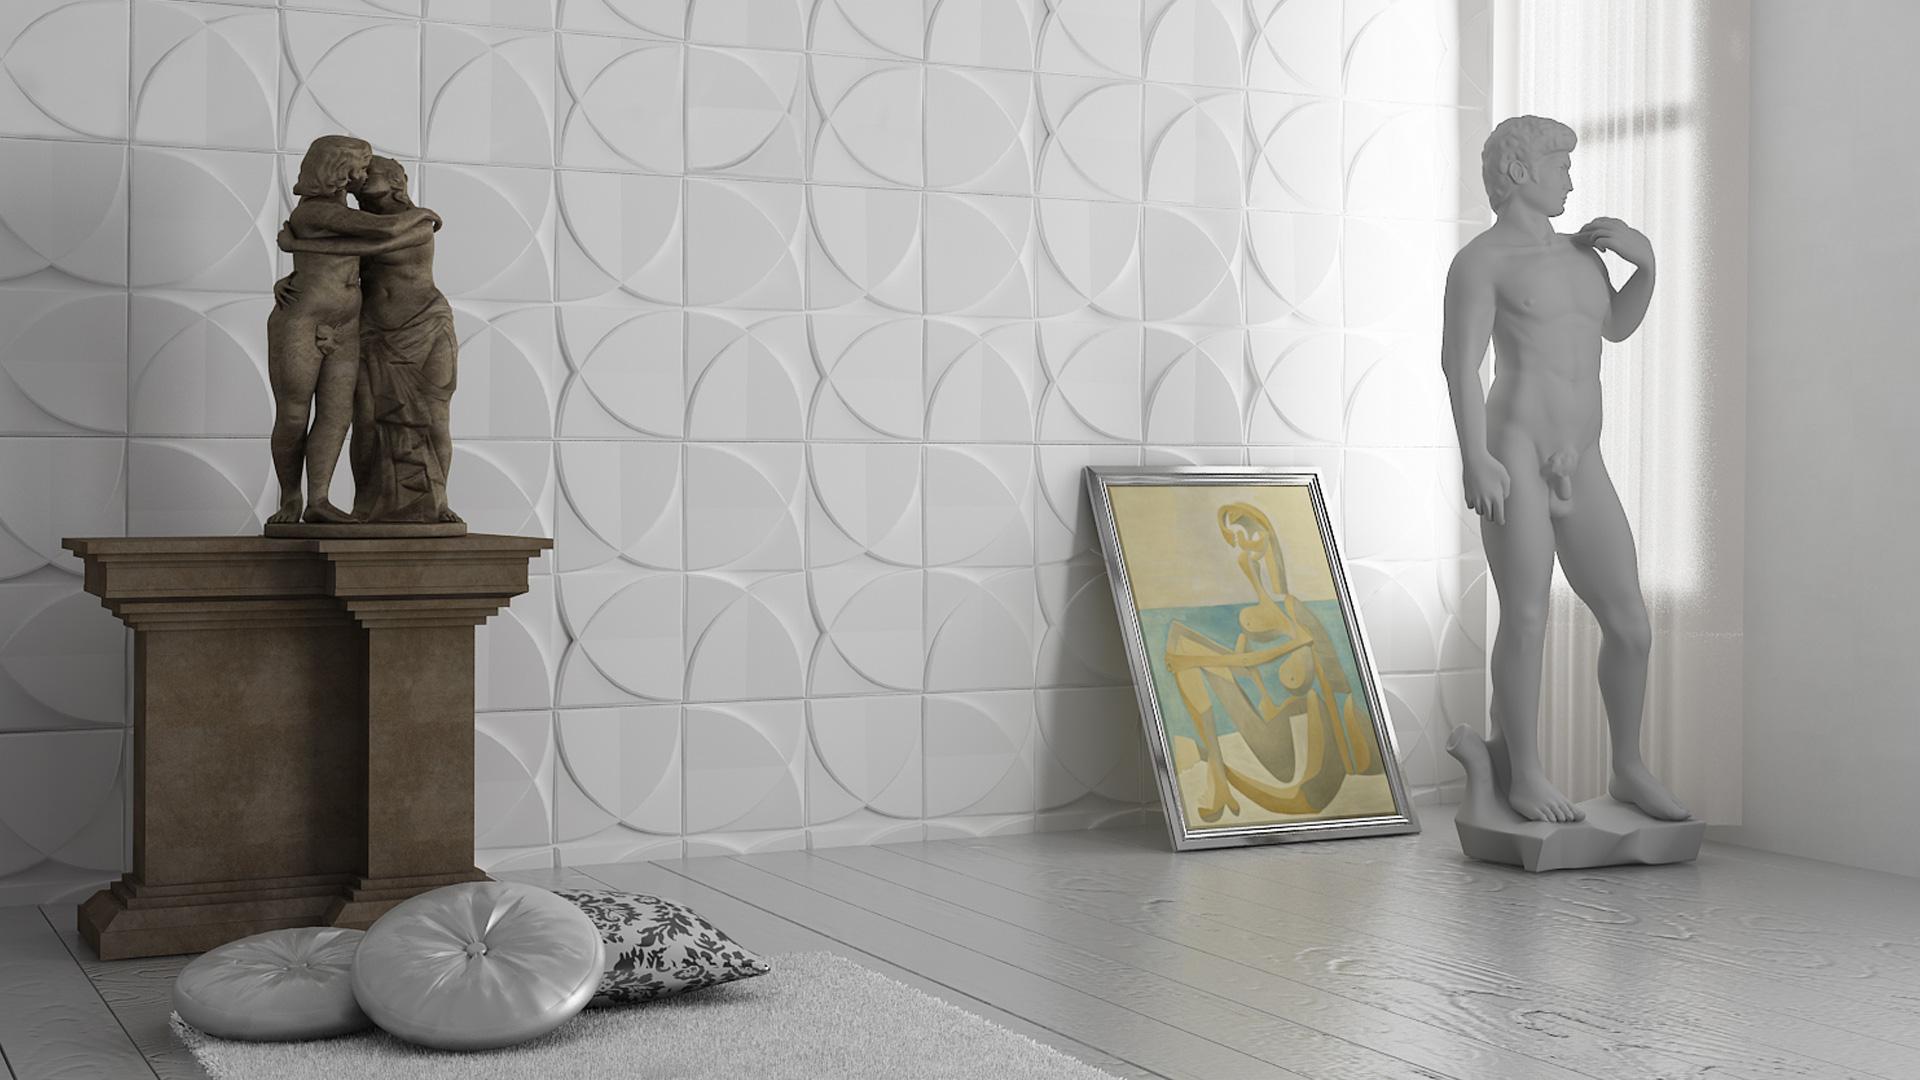 3D Wandpaneele - Produkte - Windmill - Deckenpaneele - 3D Tapeten - Wandverkleidung